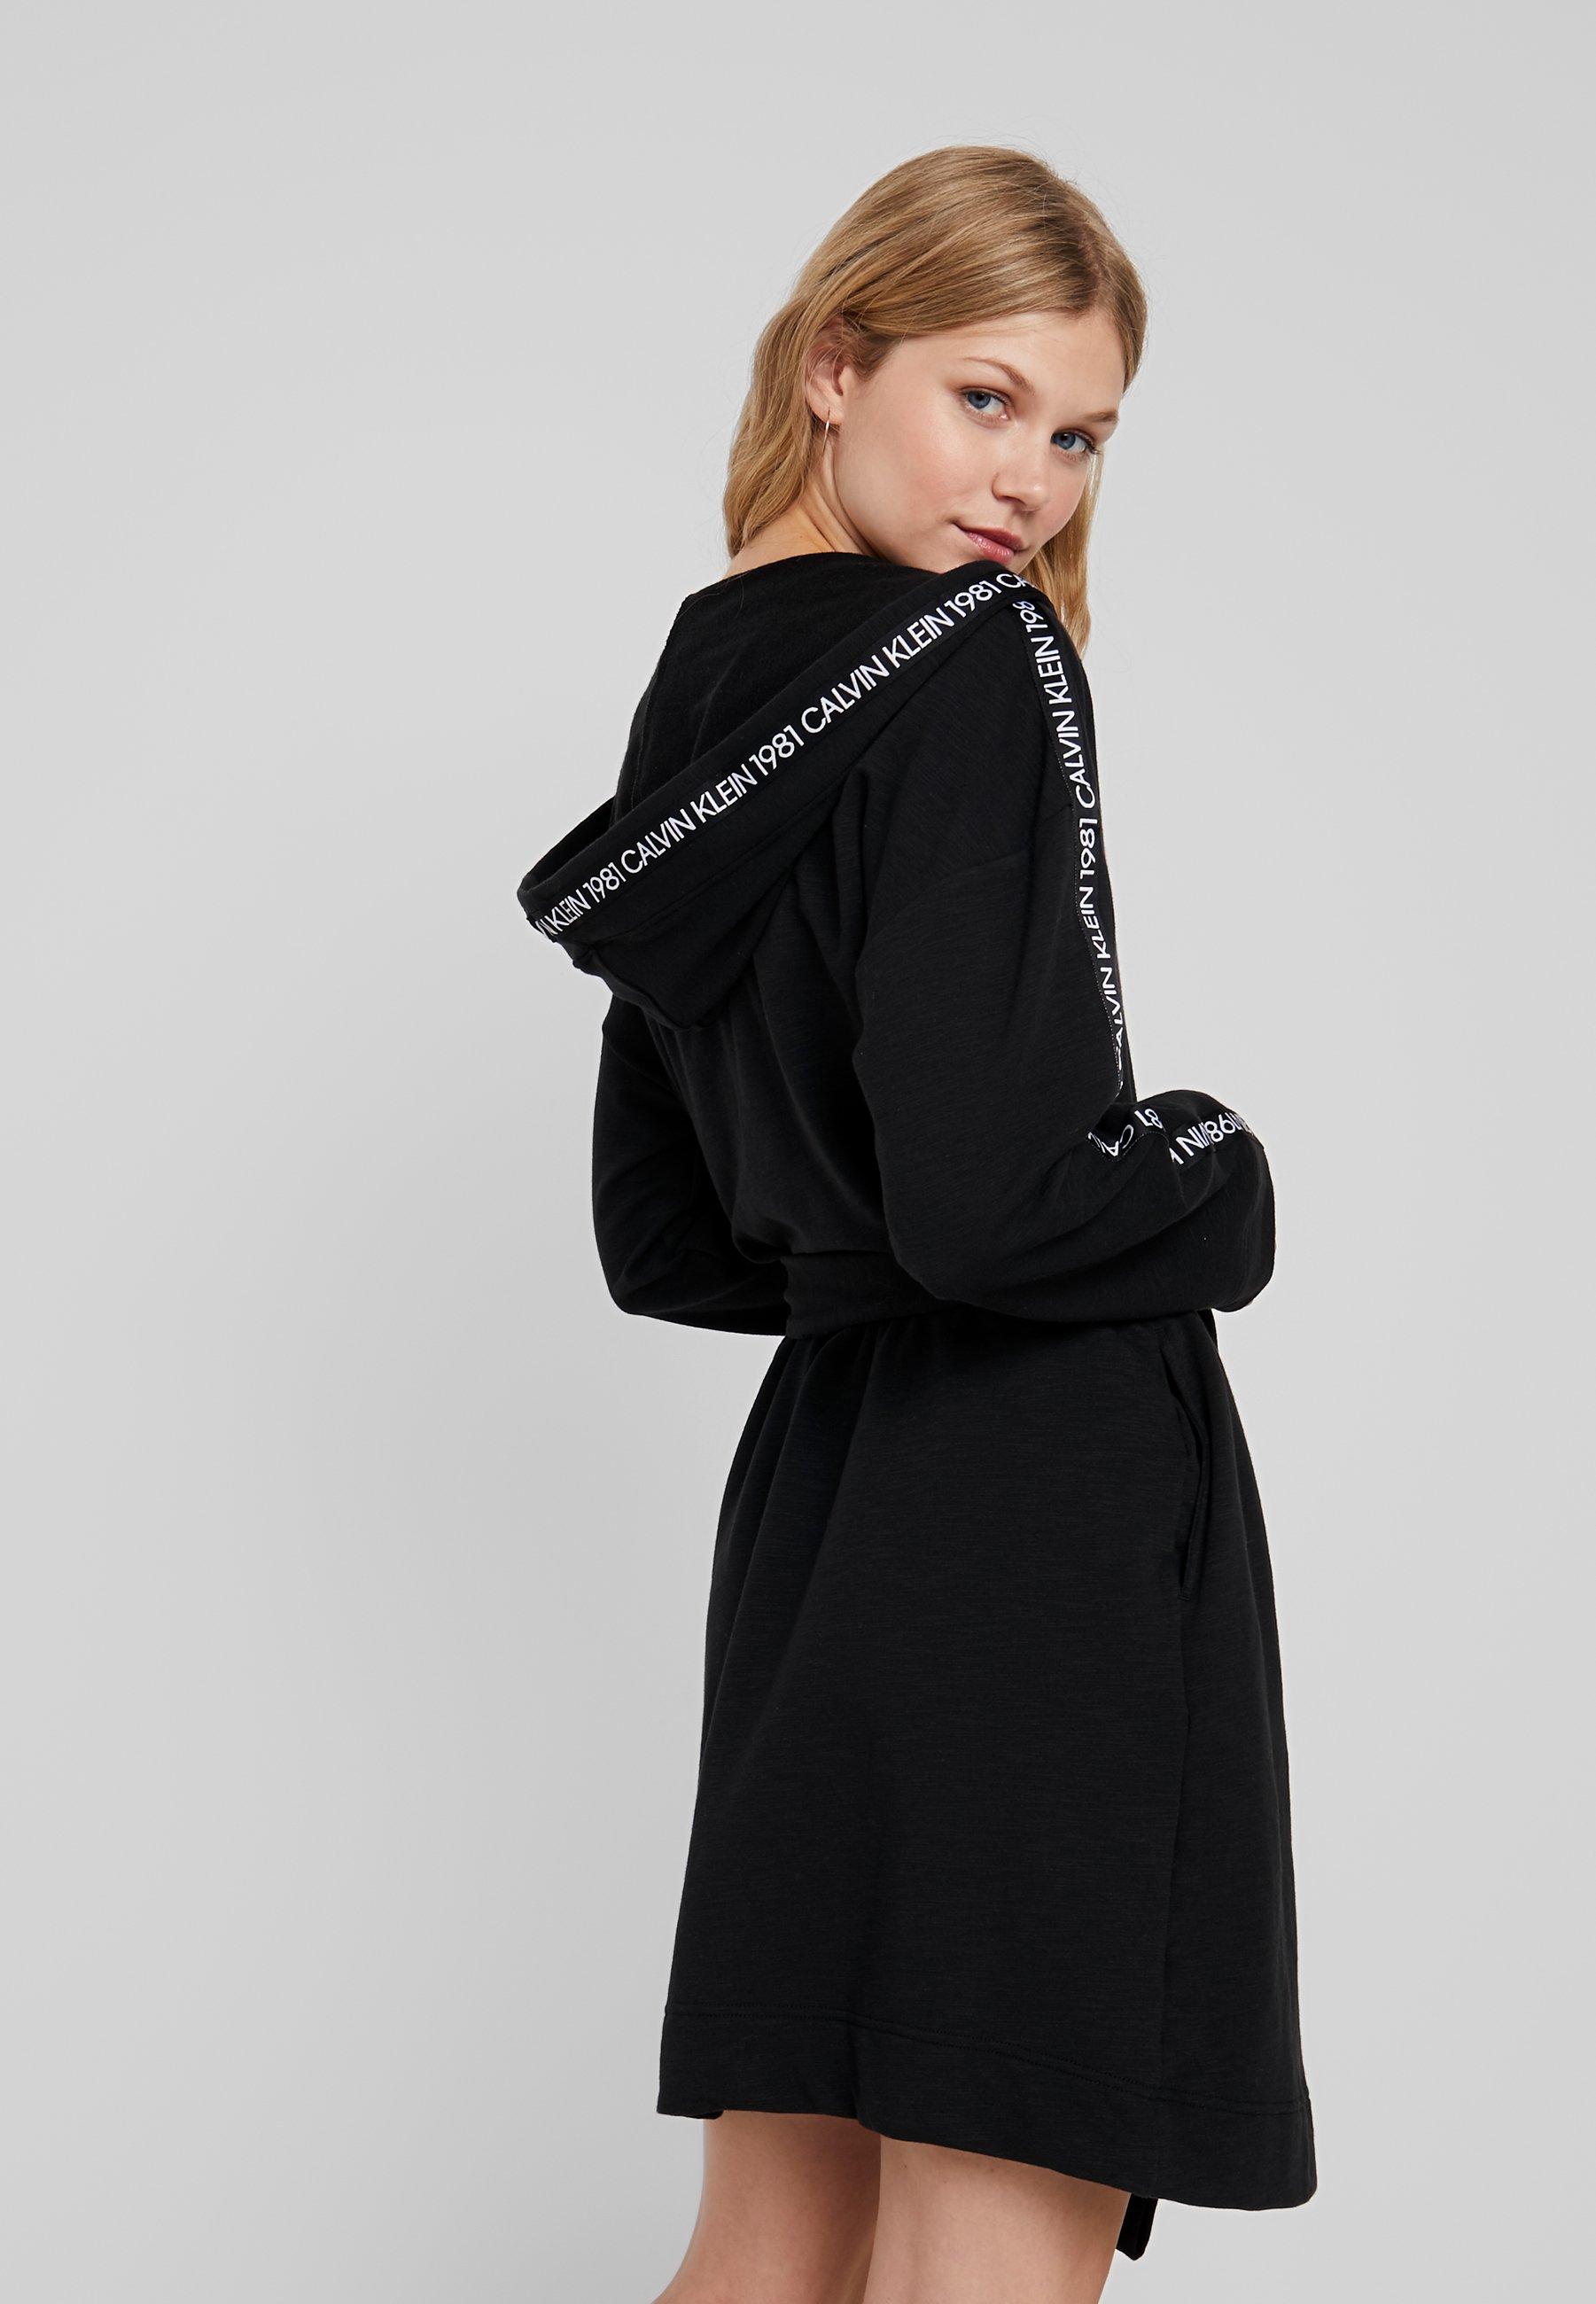 Bold Calvin Klein RobePeignoir Black Underwear Lounge jqzpLVGMUS